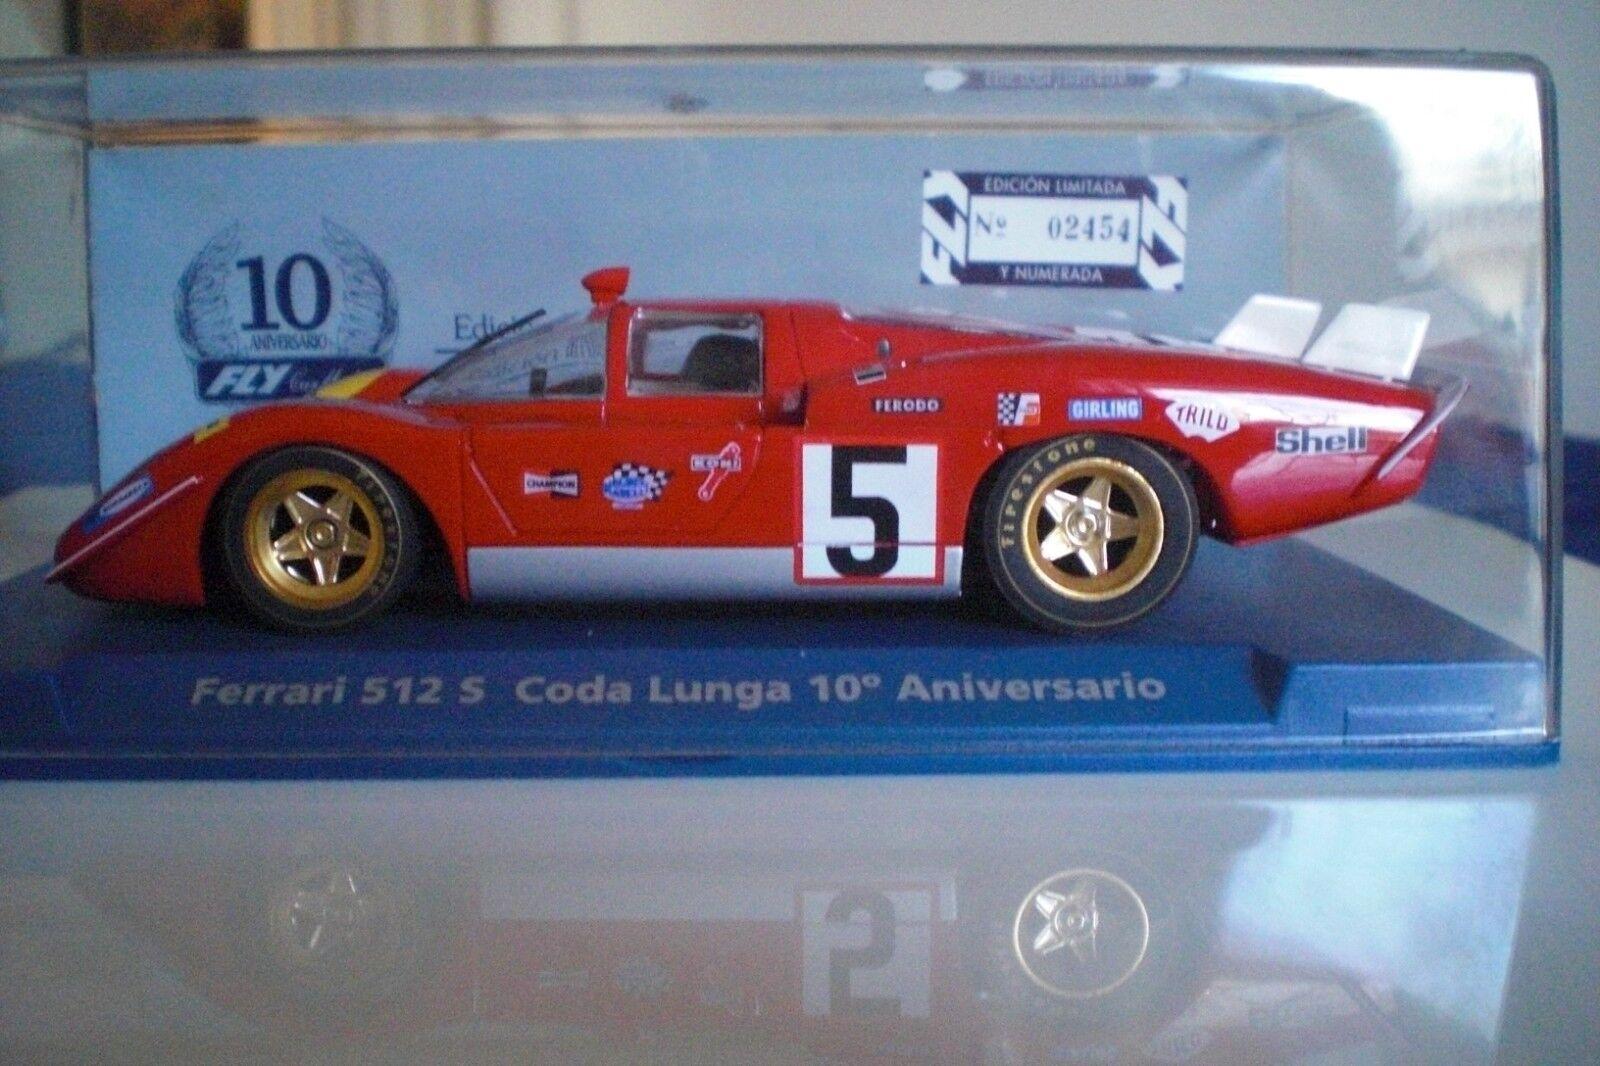 flygaga A2006 Ferrari 512 Codalunga 10o Aniversario